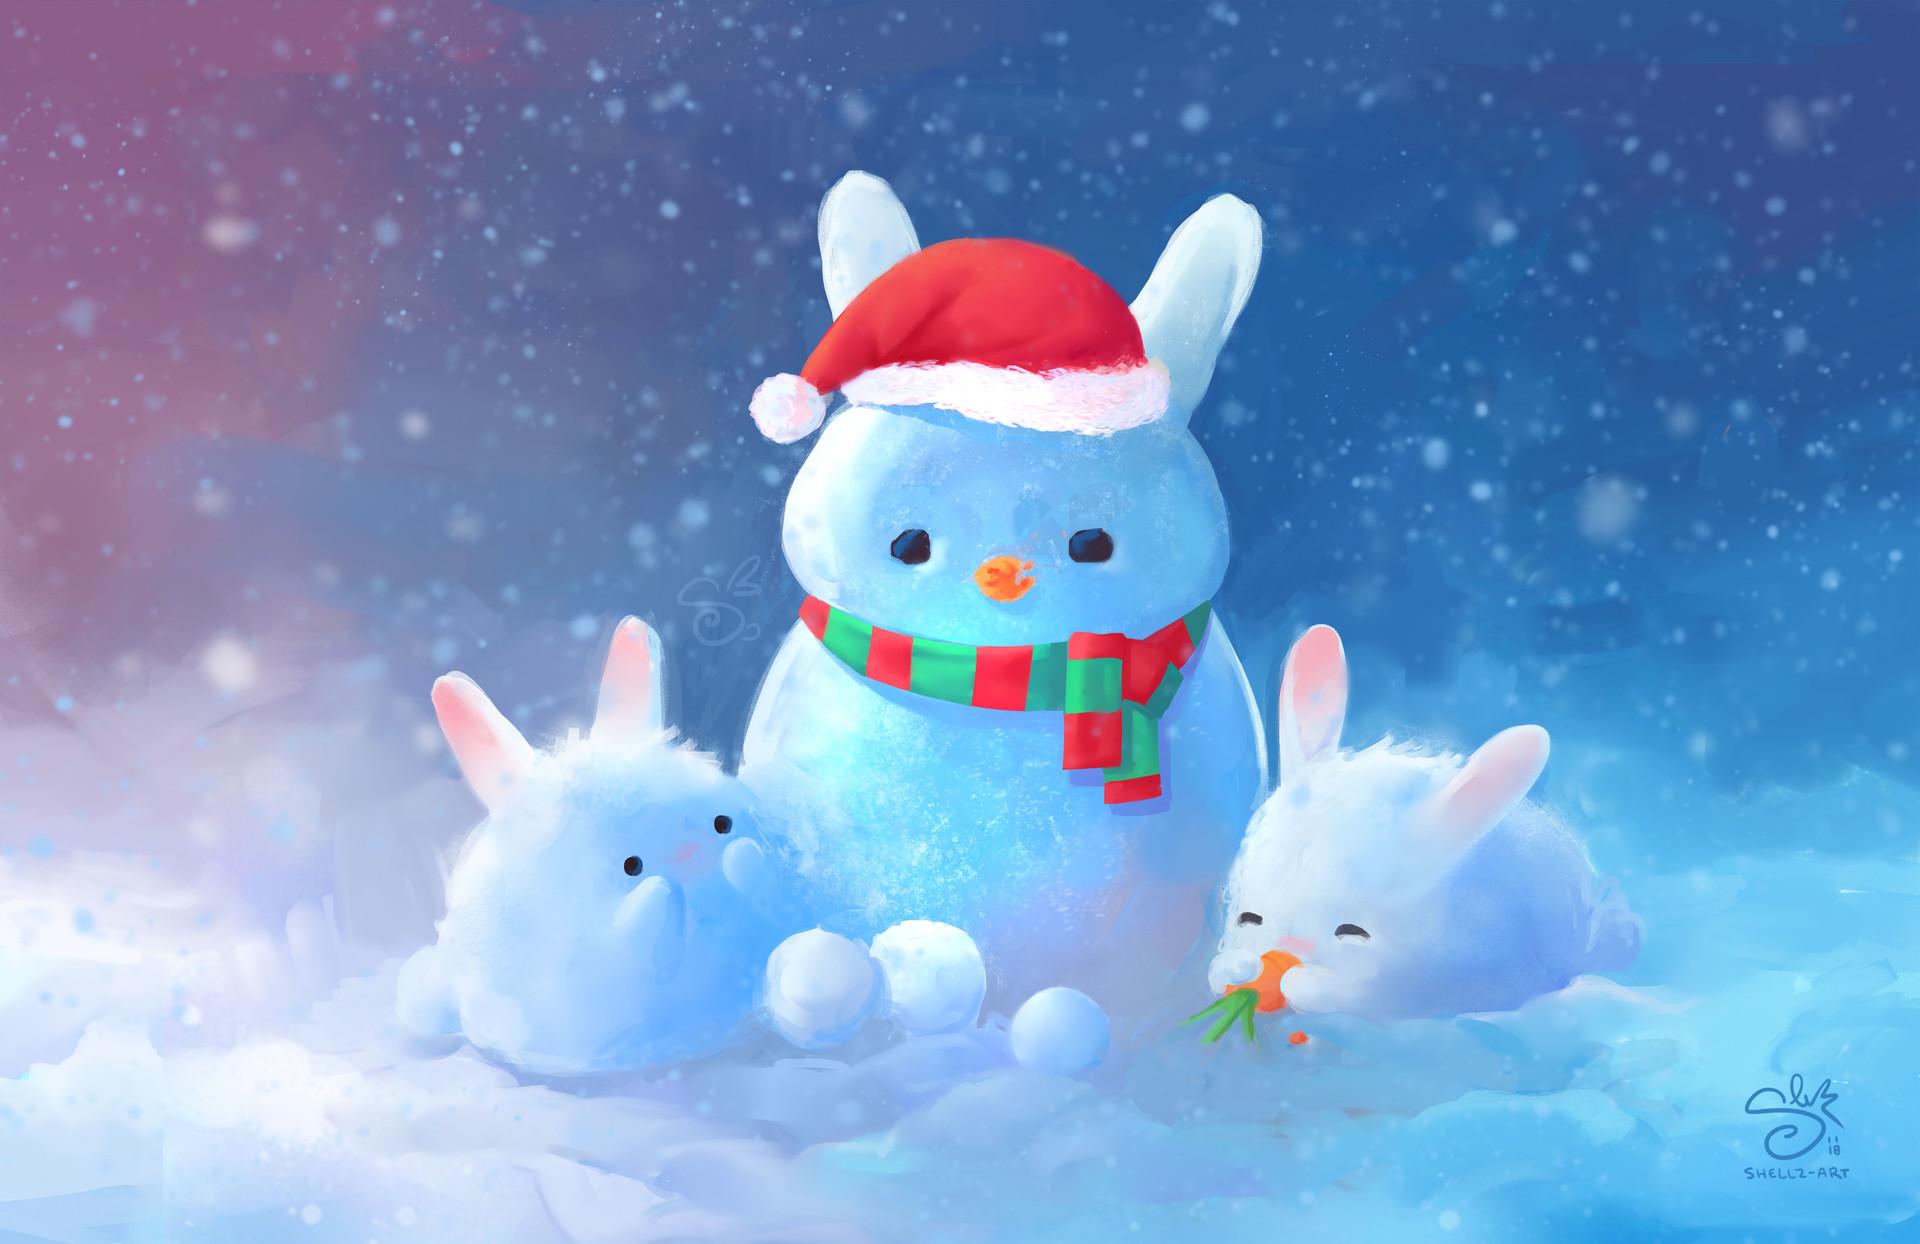 Фото Снежные зайчики с колпаком и морковкой, by Shellz-art